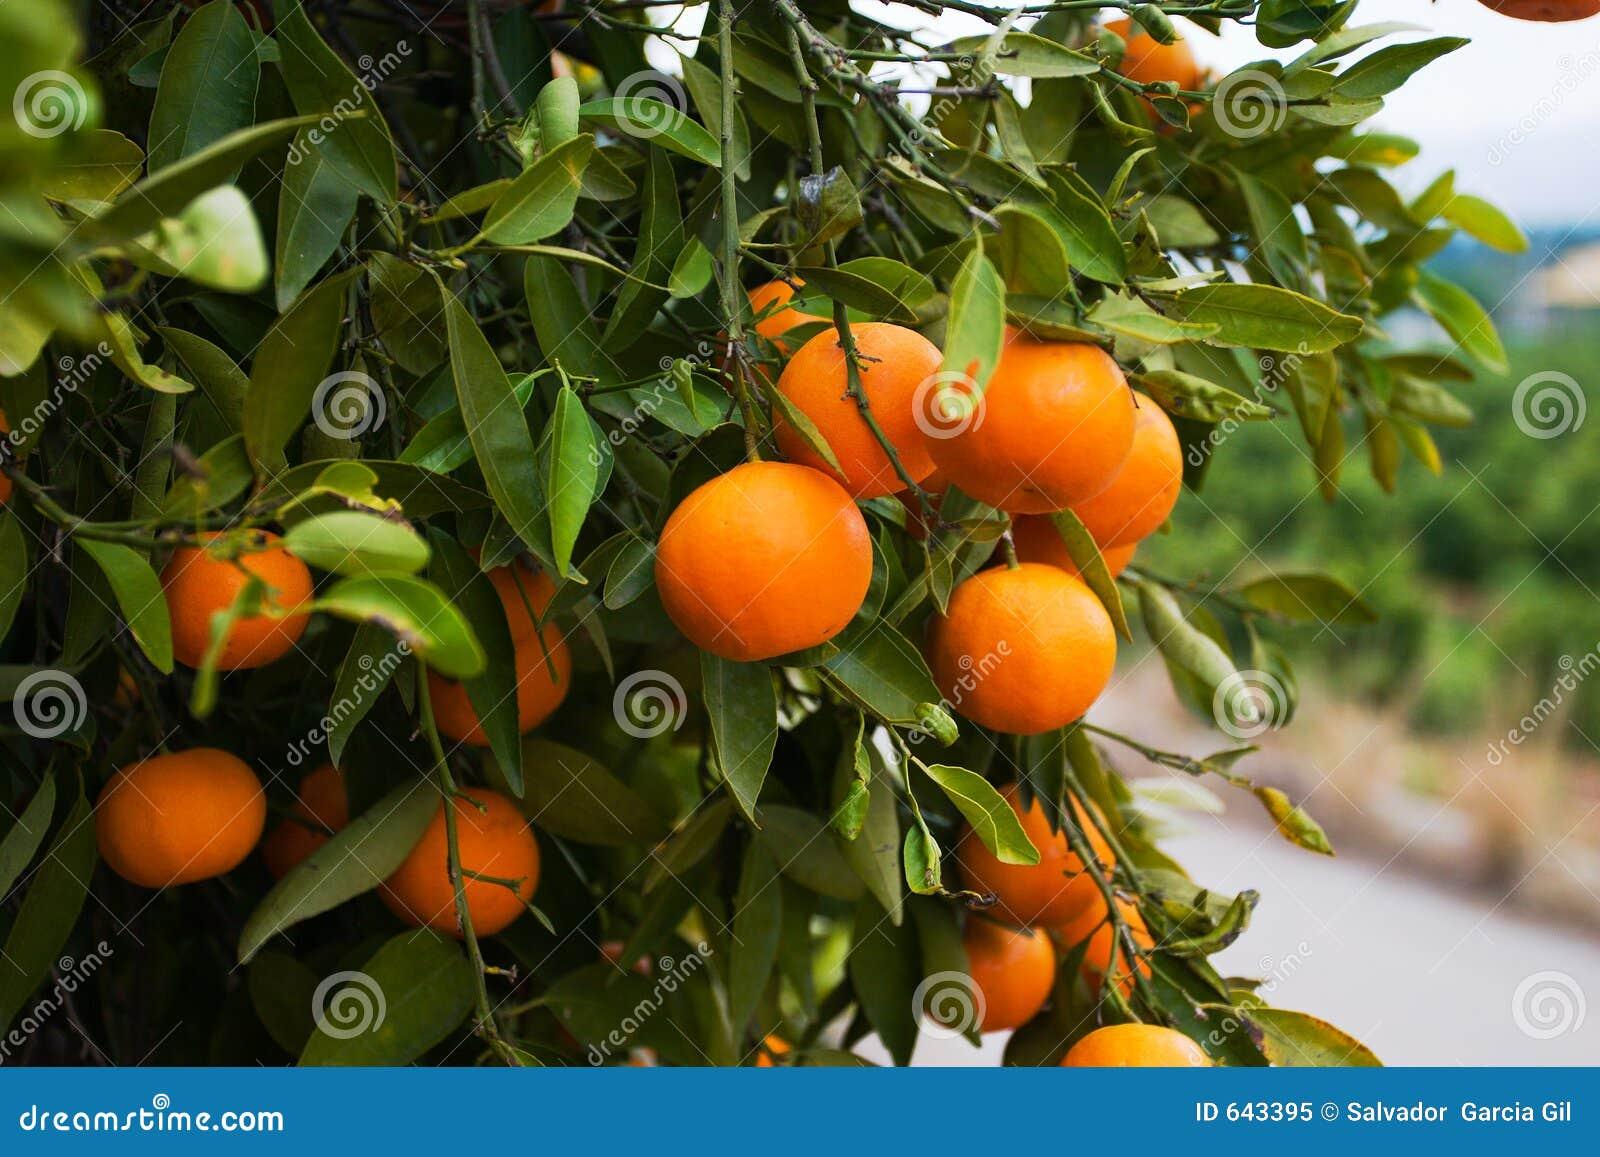 Orange spain tree